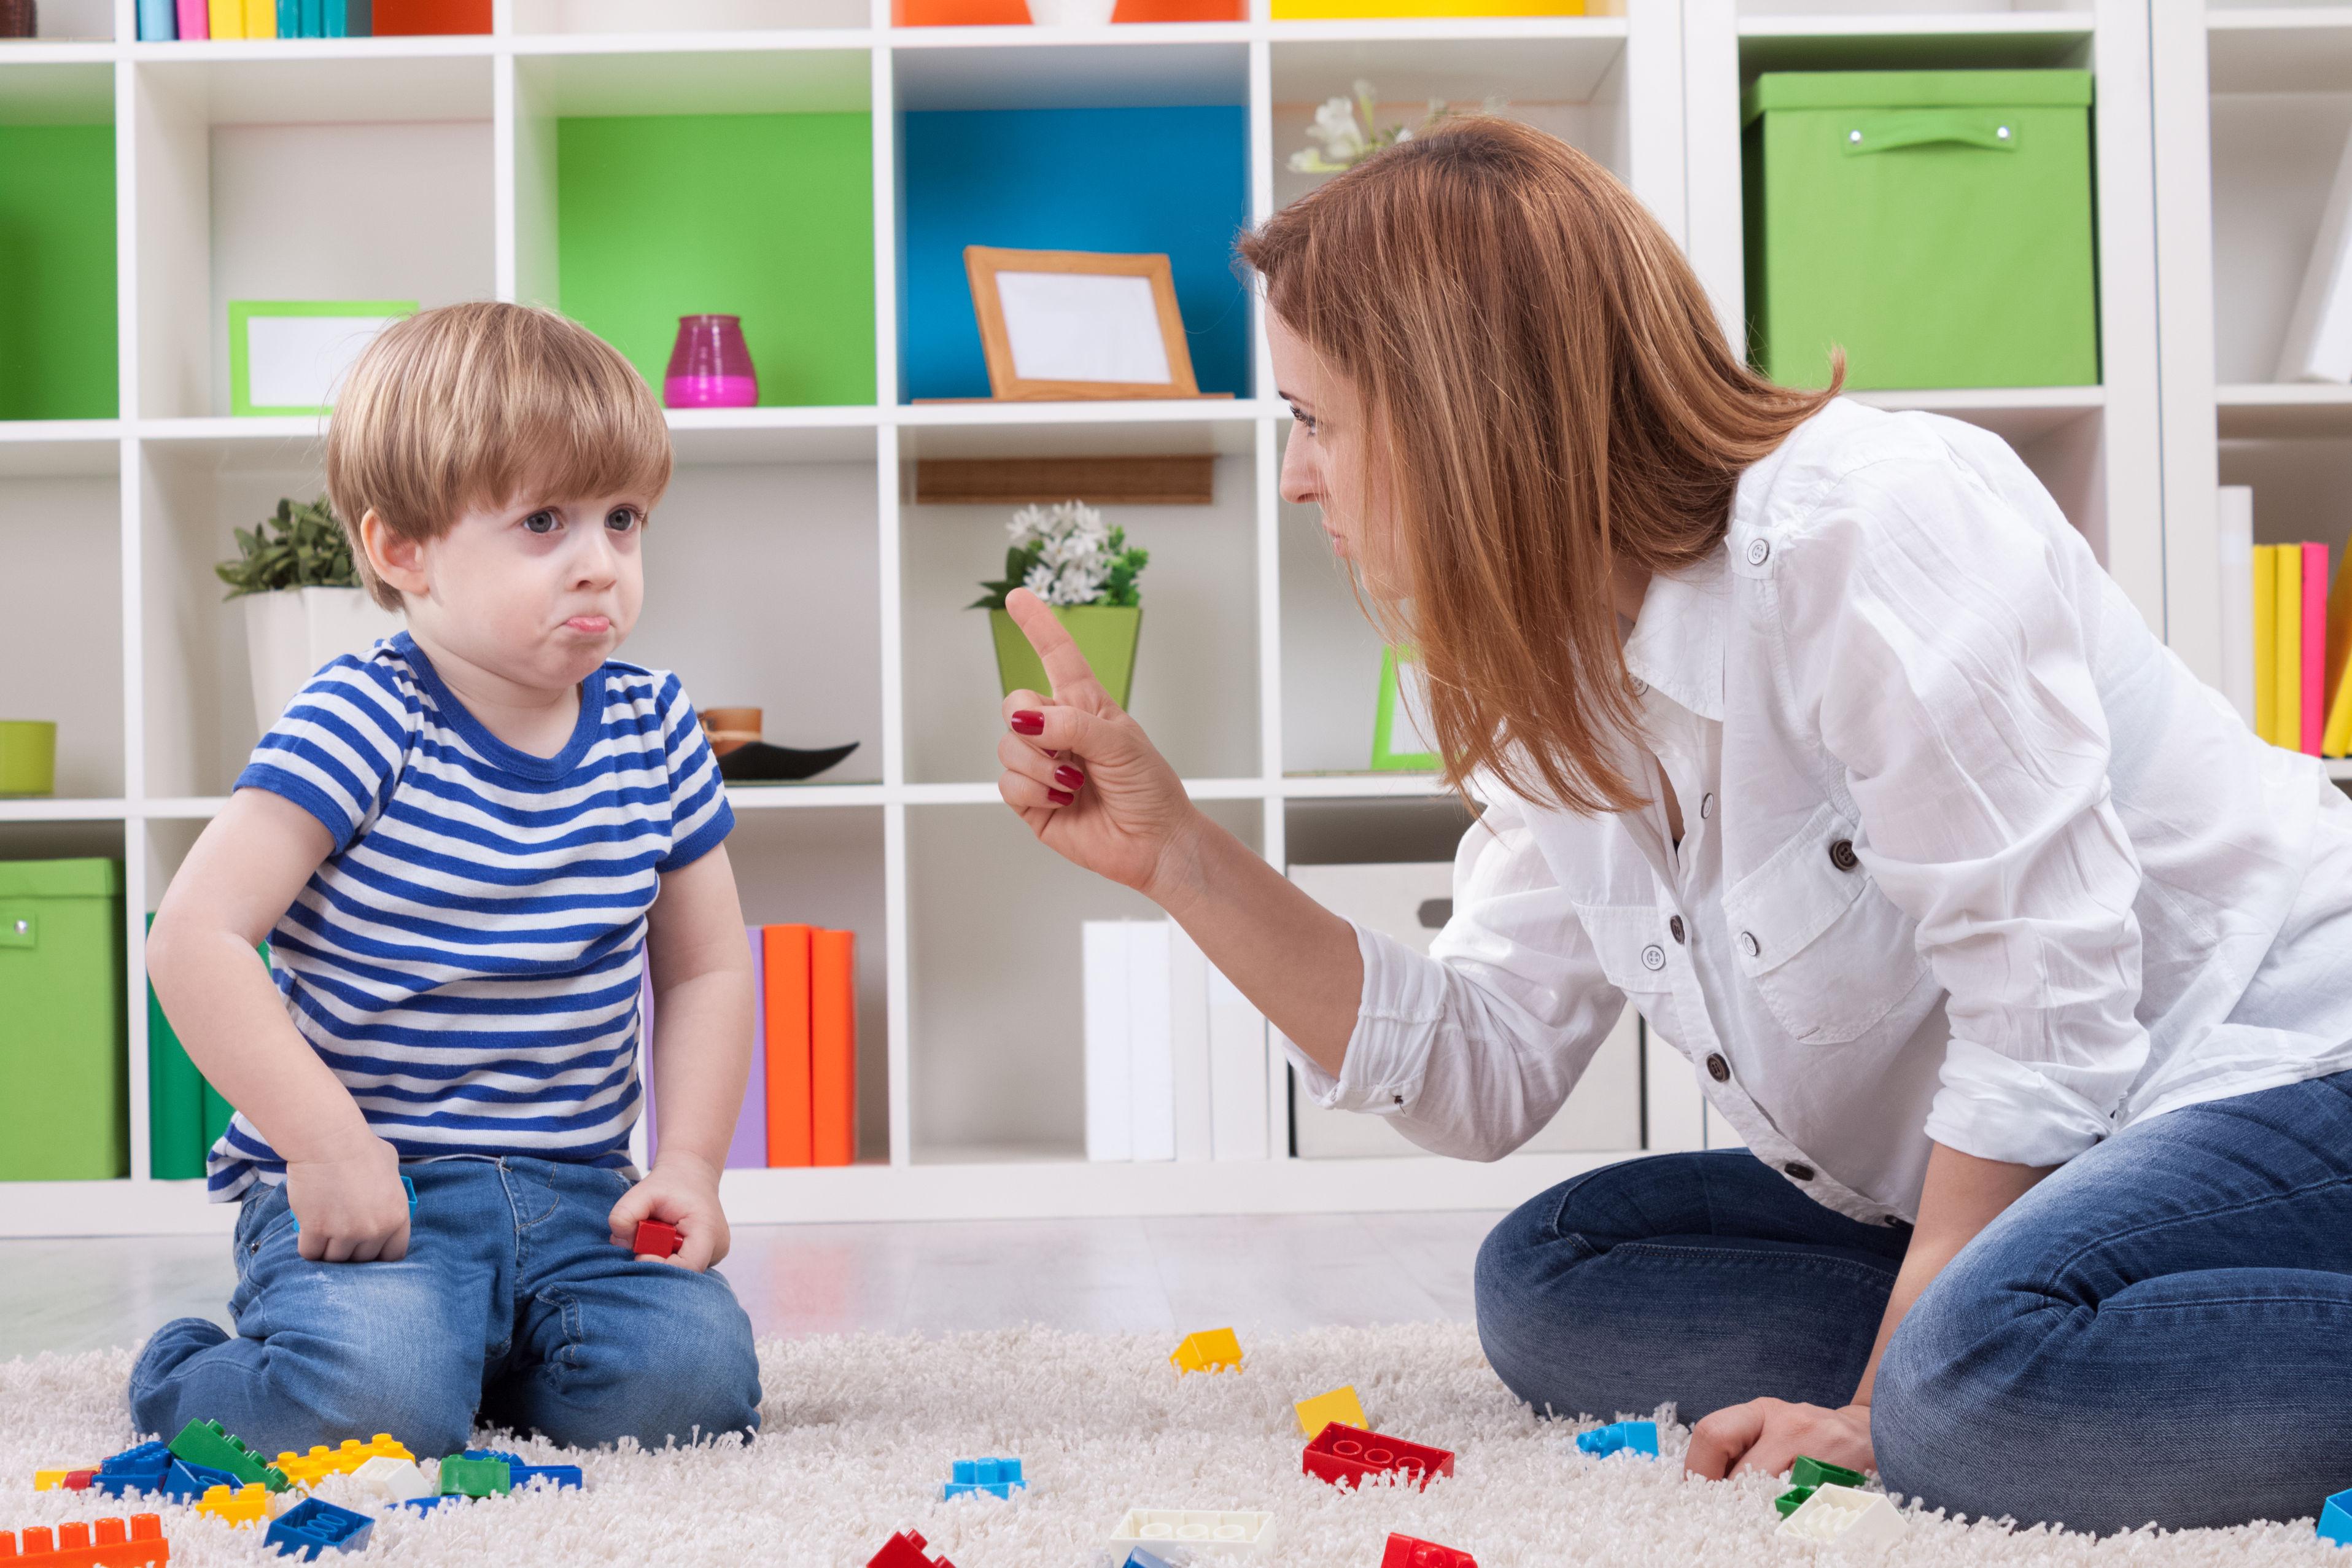 7 พฤติกรรม รักลูกเกินเหตุ